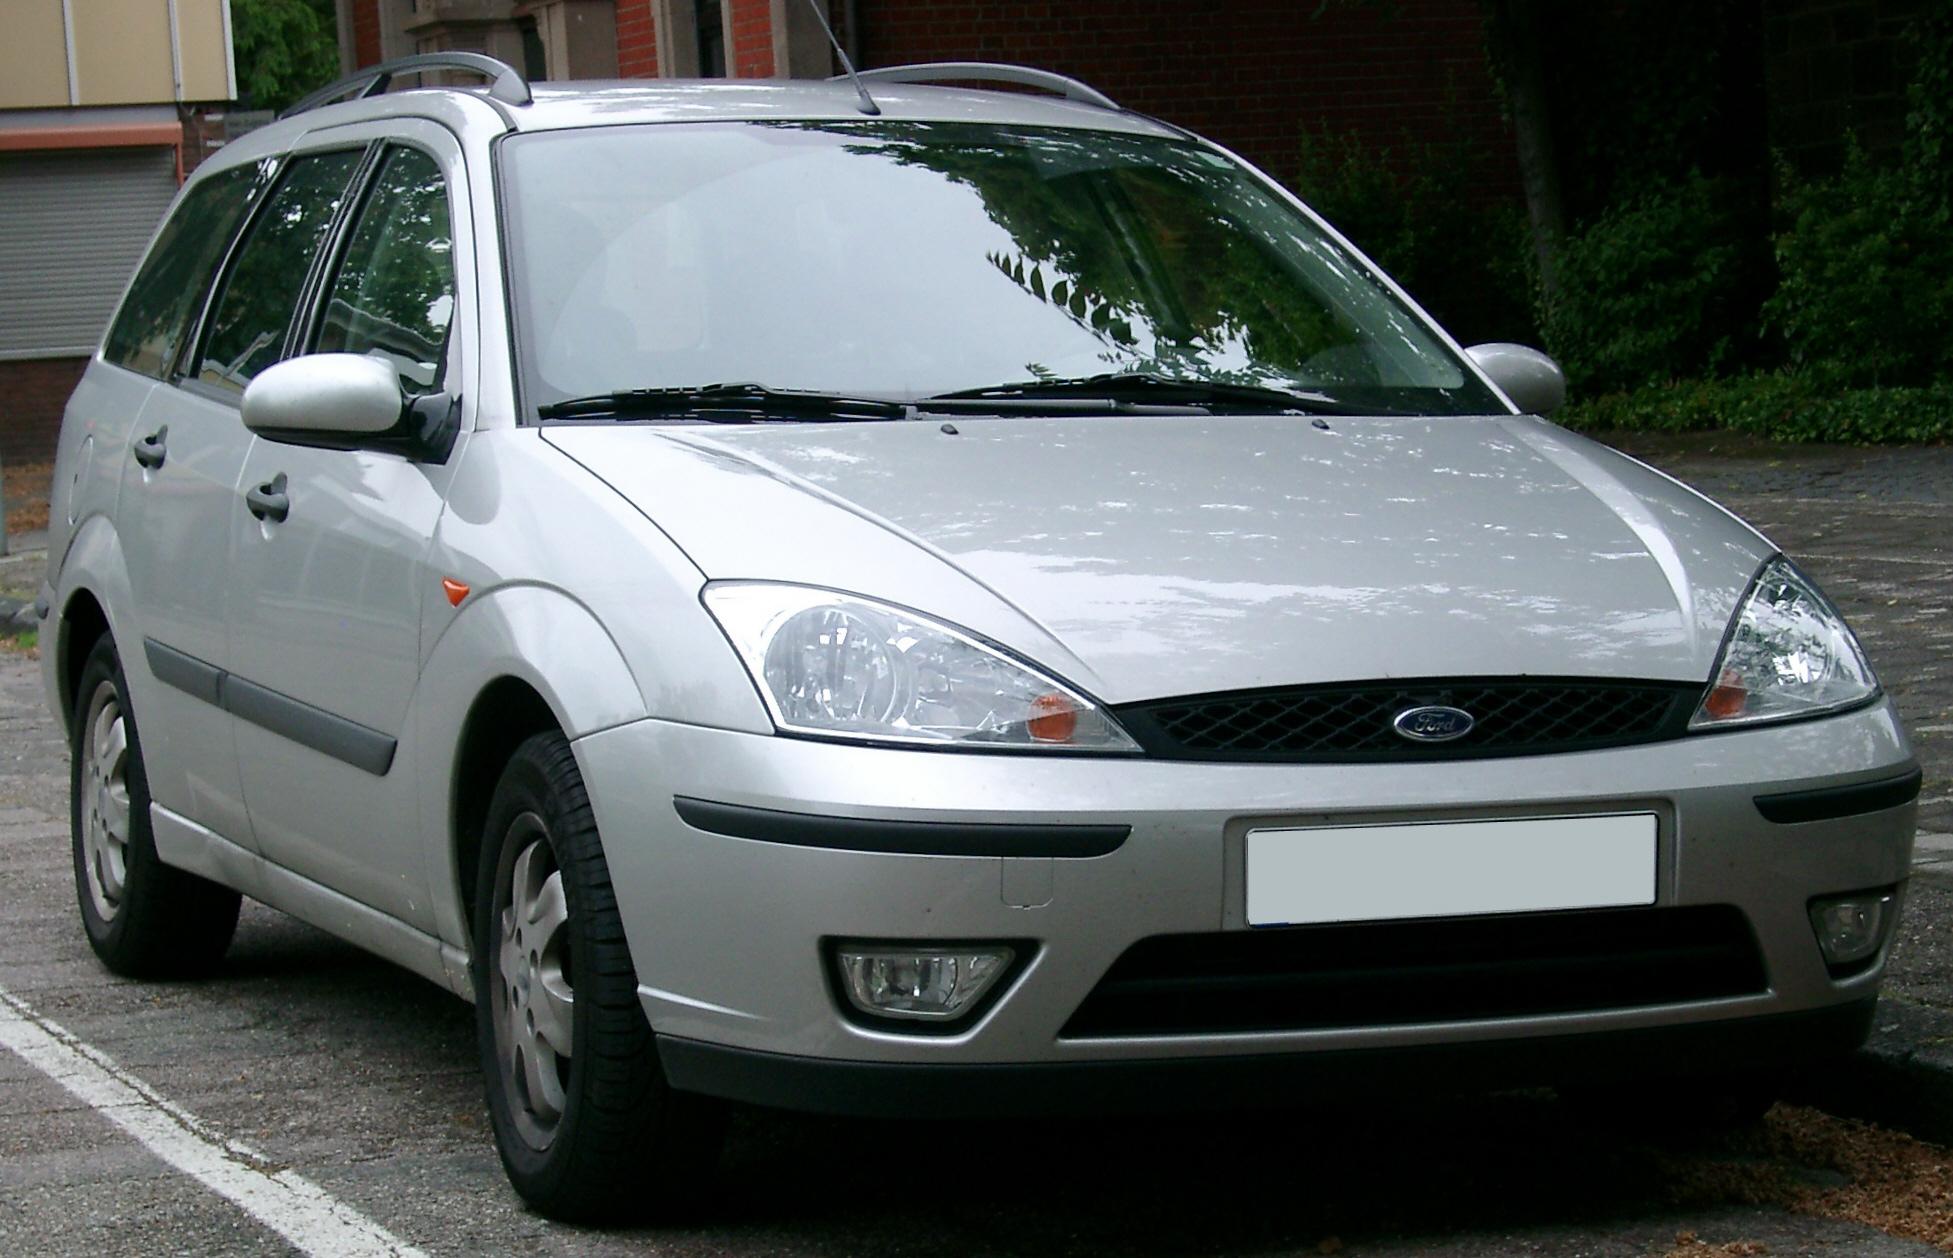 2002 ford focus svt 2dr hatchback 2 0l manual. Black Bedroom Furniture Sets. Home Design Ideas